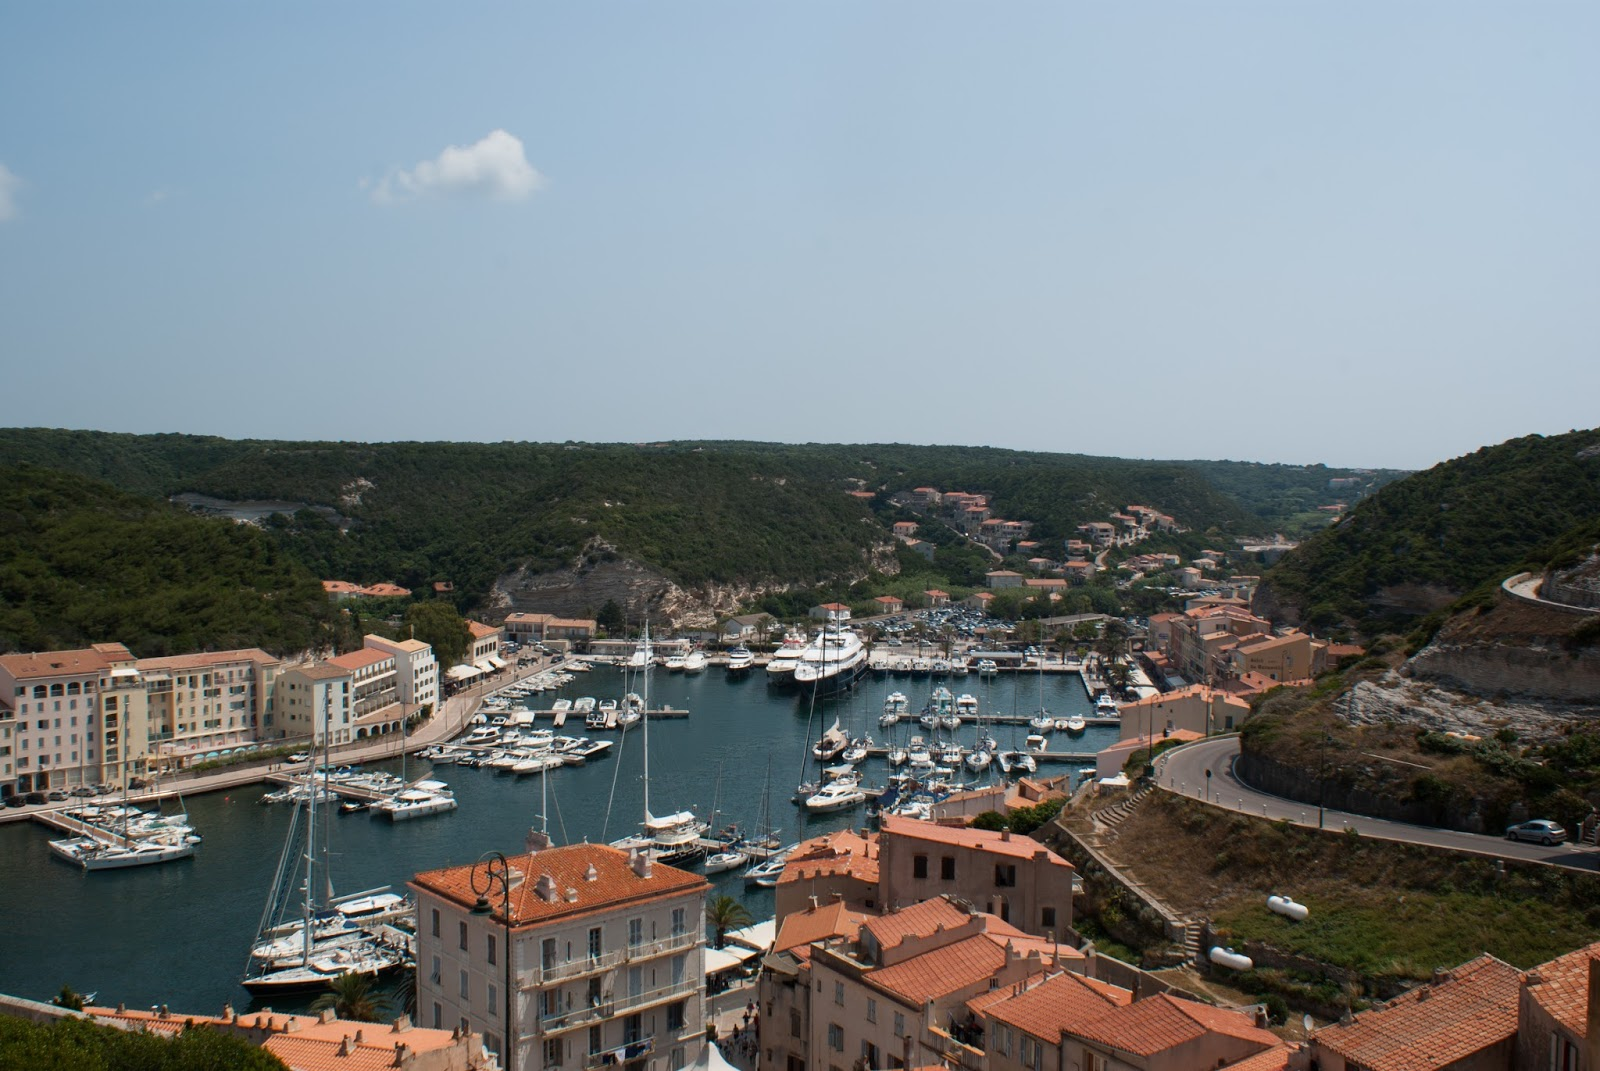 bonifacio port corse corsica